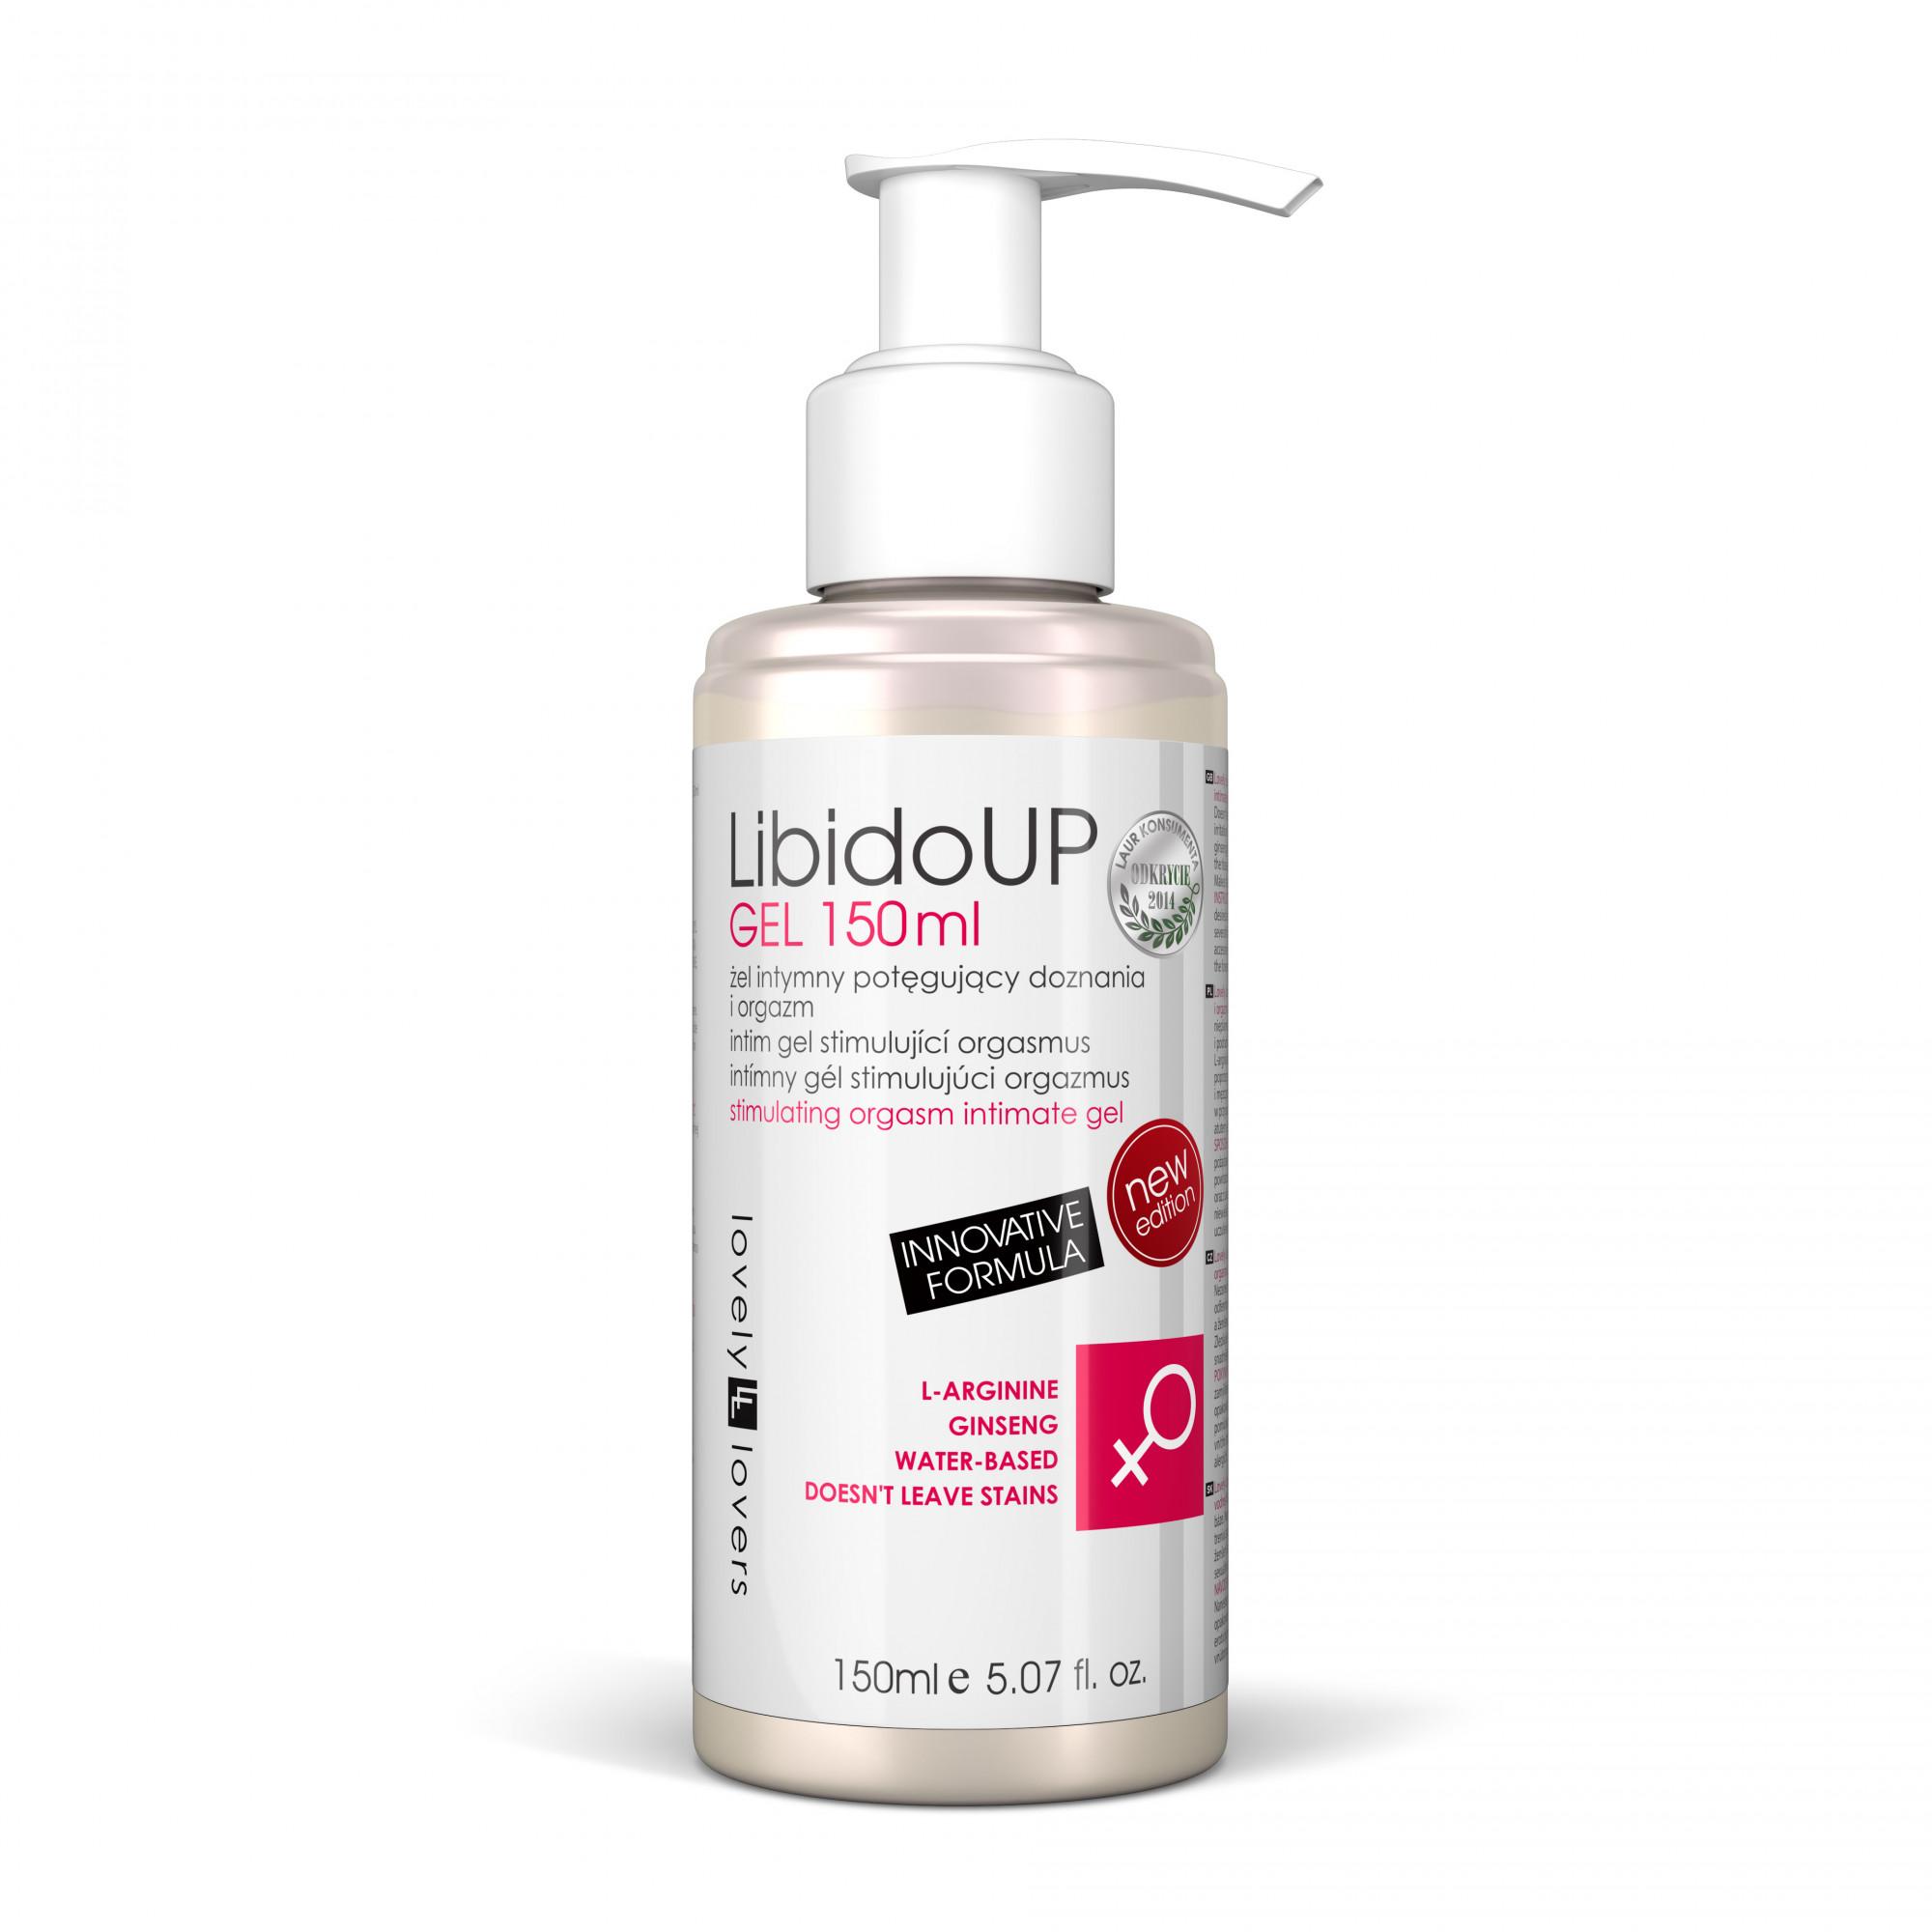 Lubrikační gel LibidoUp Gel Innovative Formula 150ml - Lovely Lovers